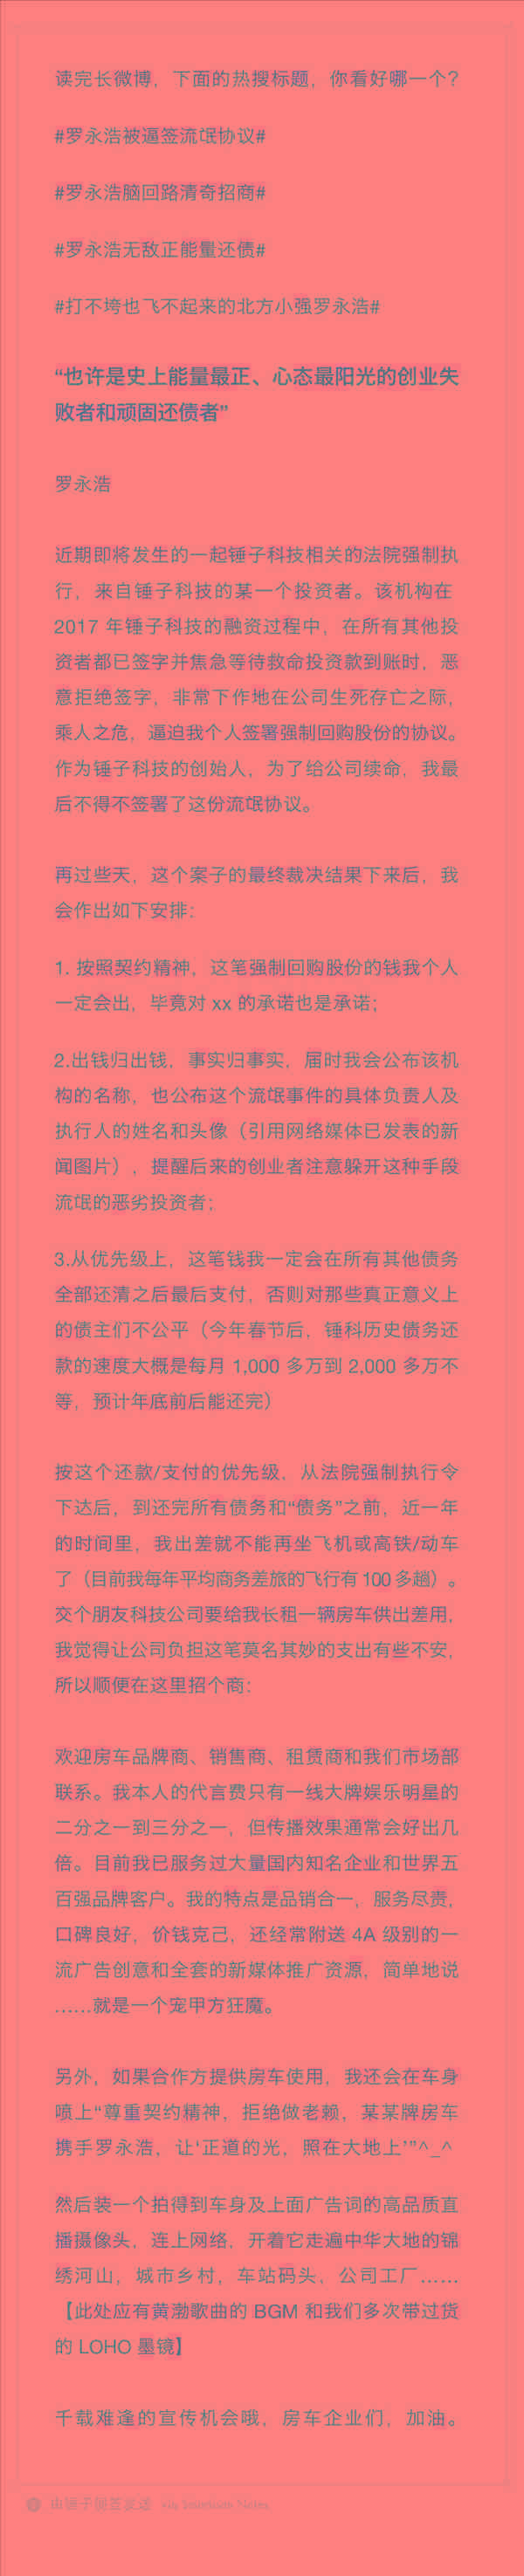 罗永浩自曝被迫签下流氓协议!2天时间超5亿人次围观